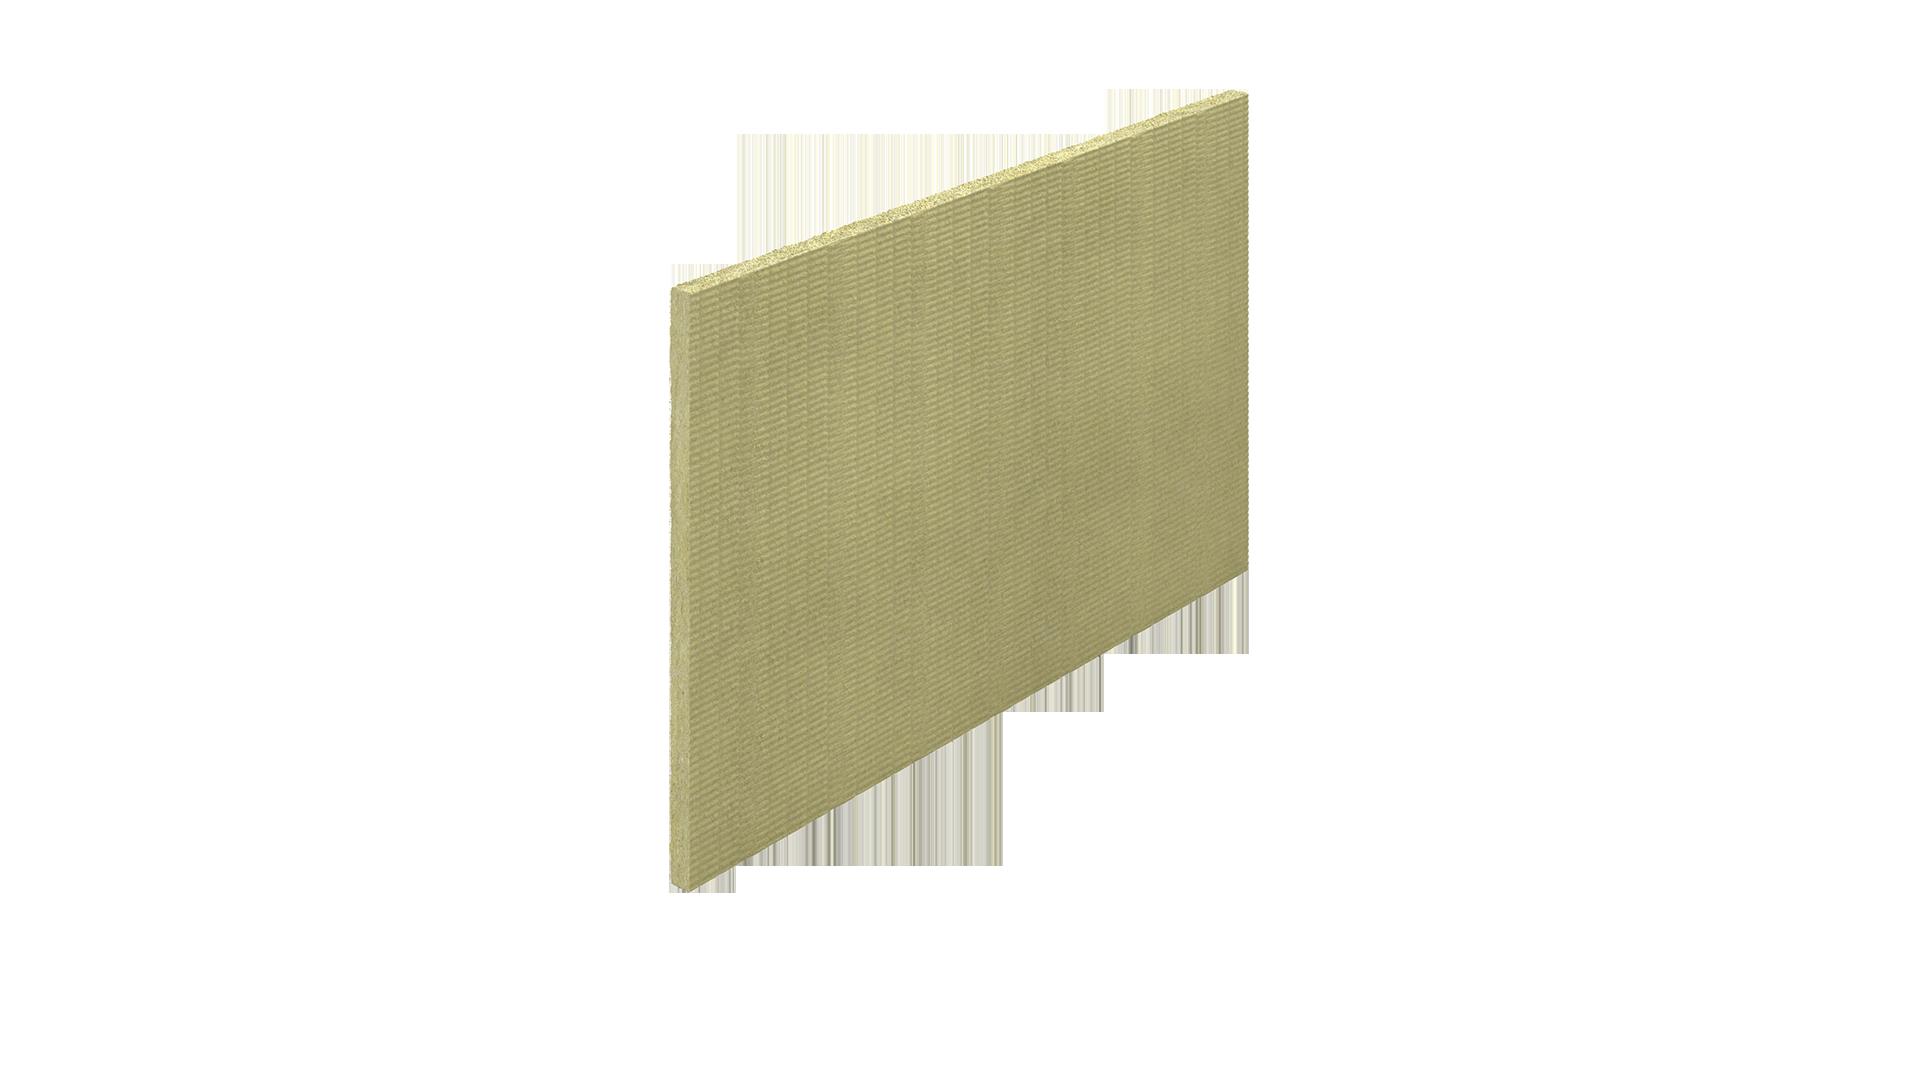 RockFloor Solid, productfoto, vloer, vloerisolatie